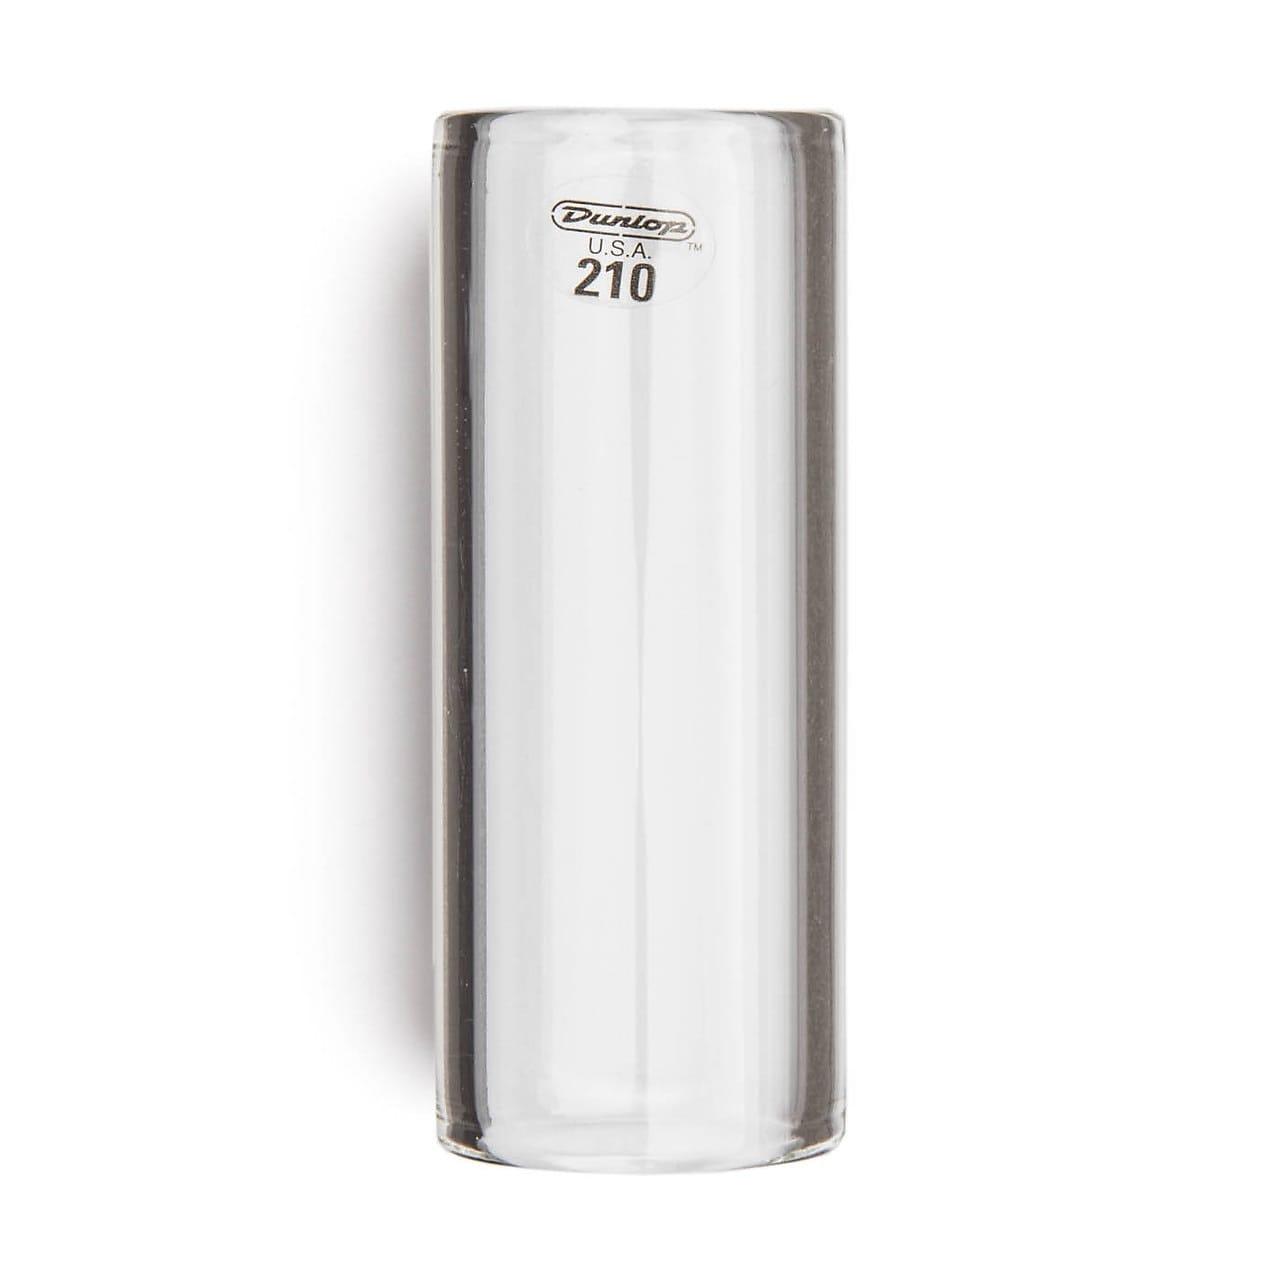 Dunlop 210 Medium Pyrex Glass Slide Medium Wall